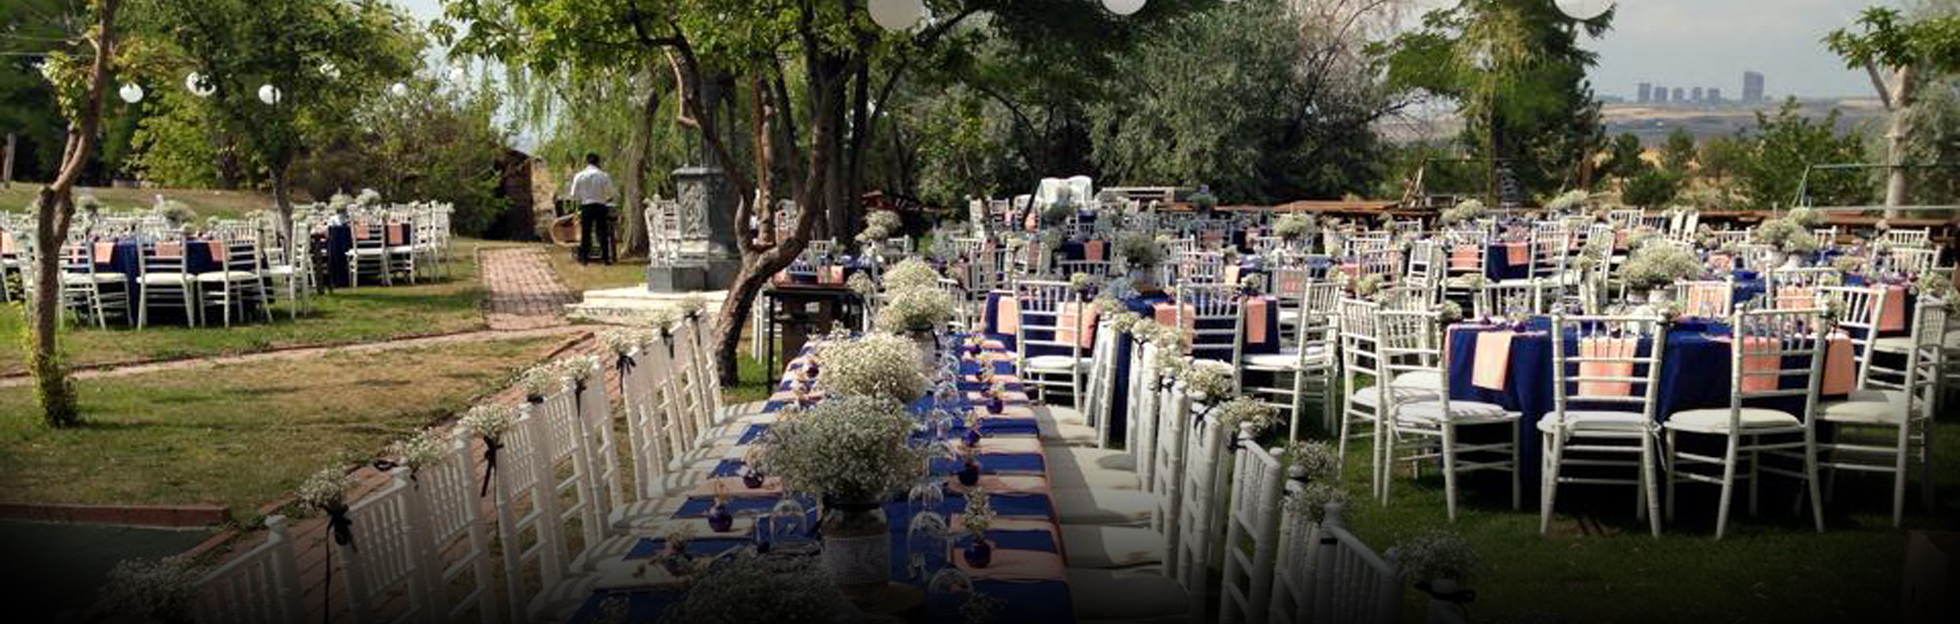 bizim çatı düğün organizasyonu